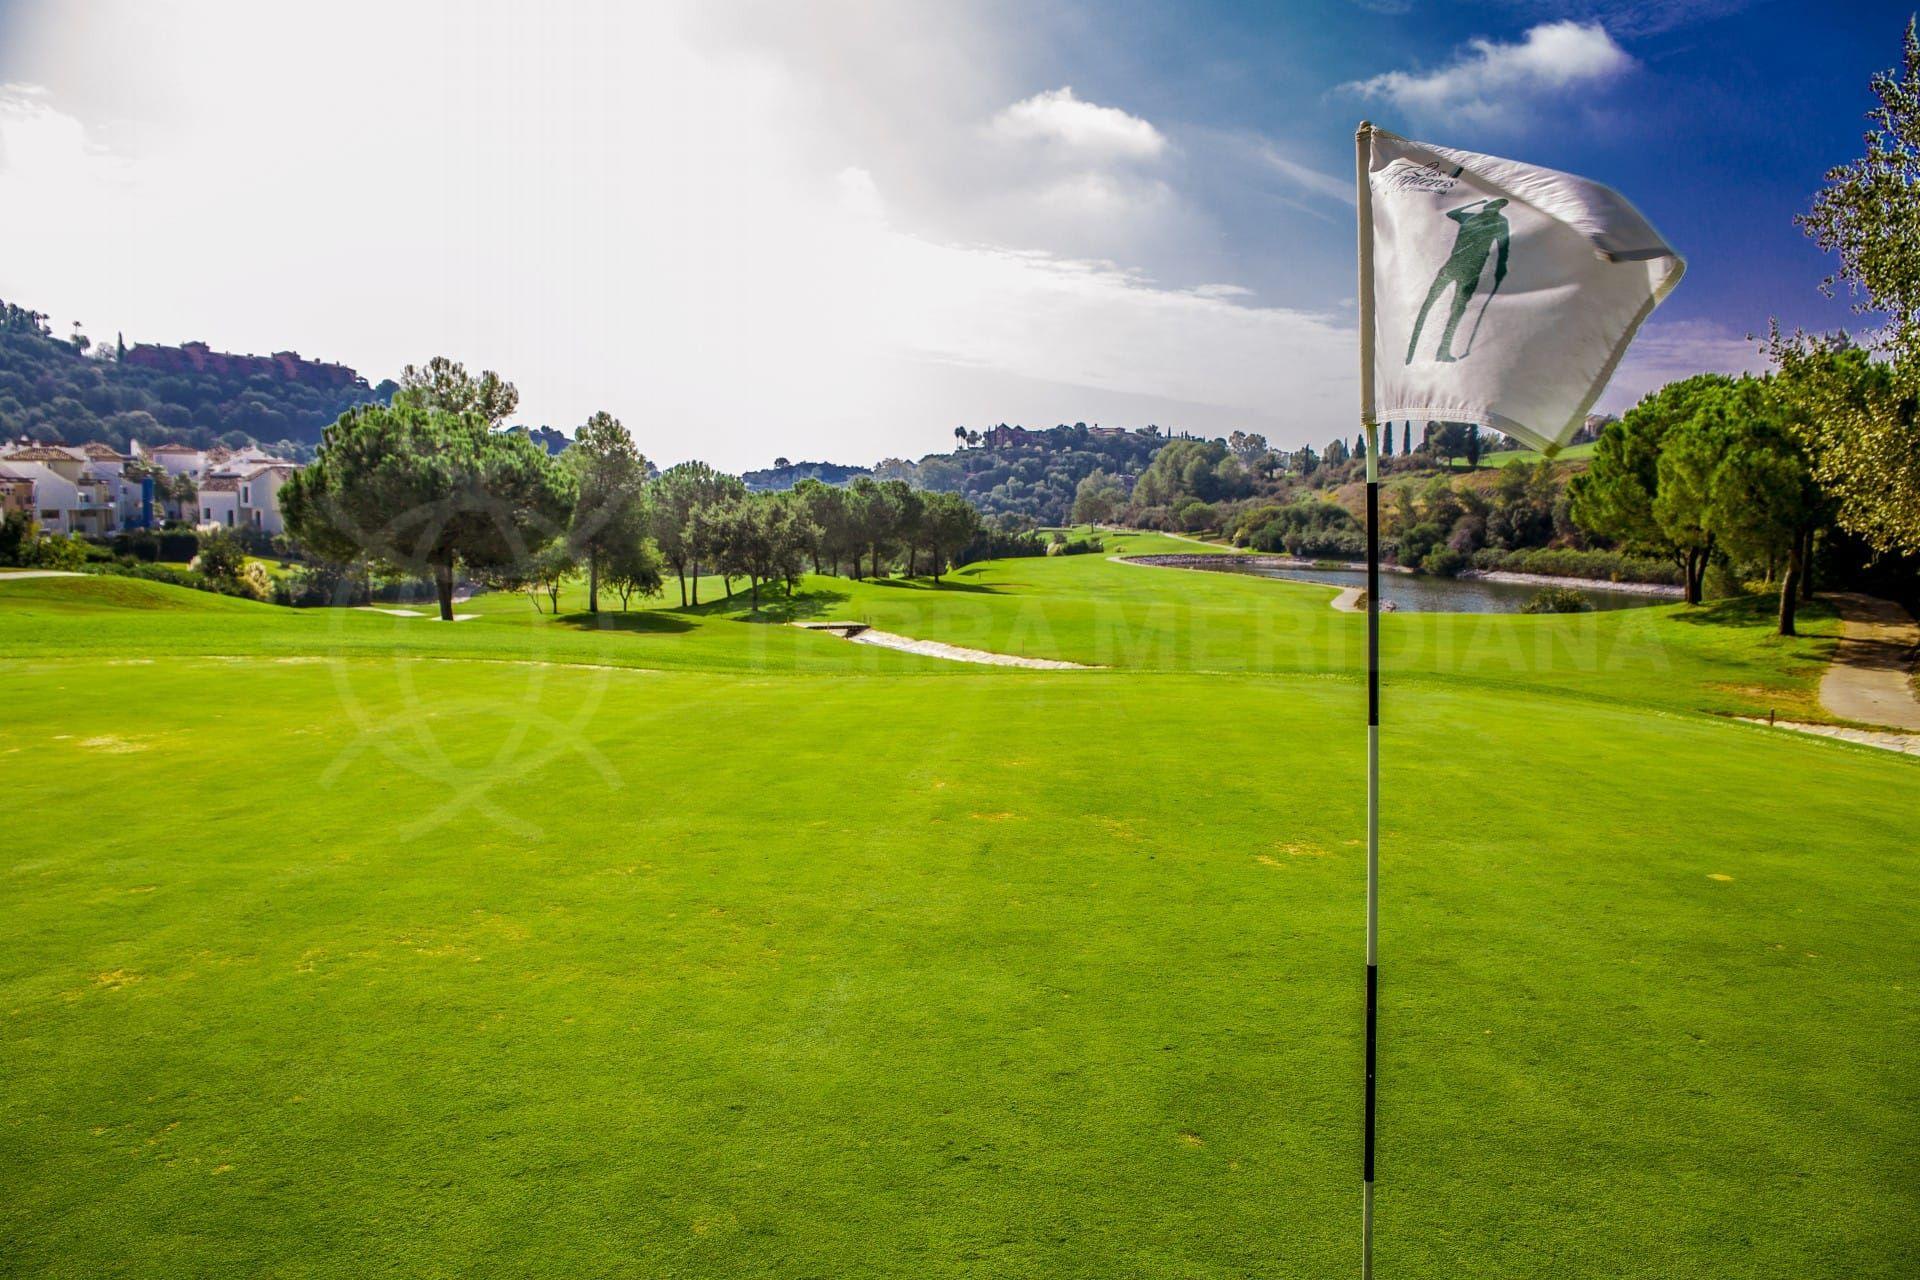 Campos de golf en Benahavis